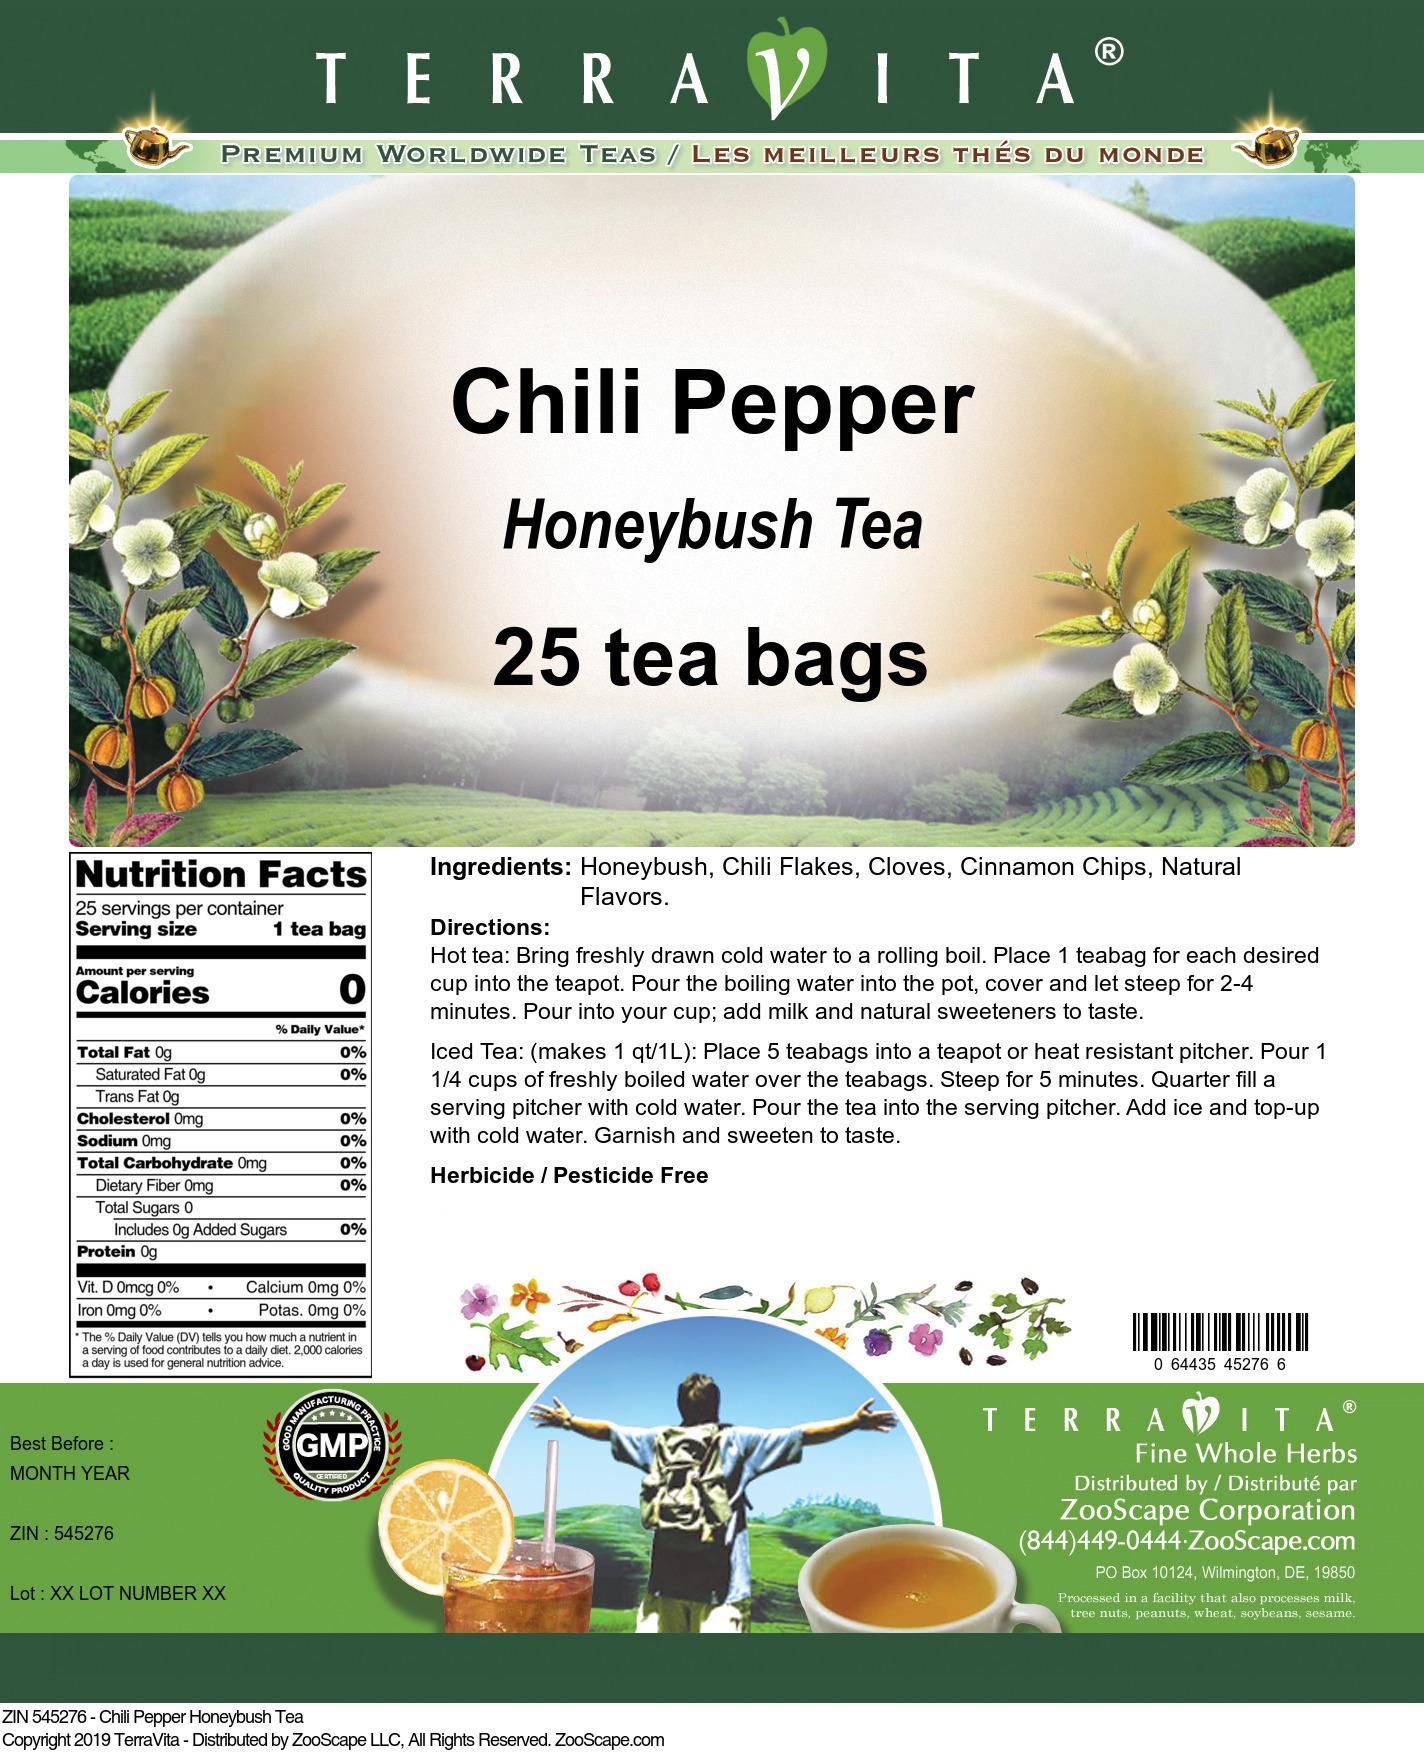 Chili Pepper Honeybush Tea